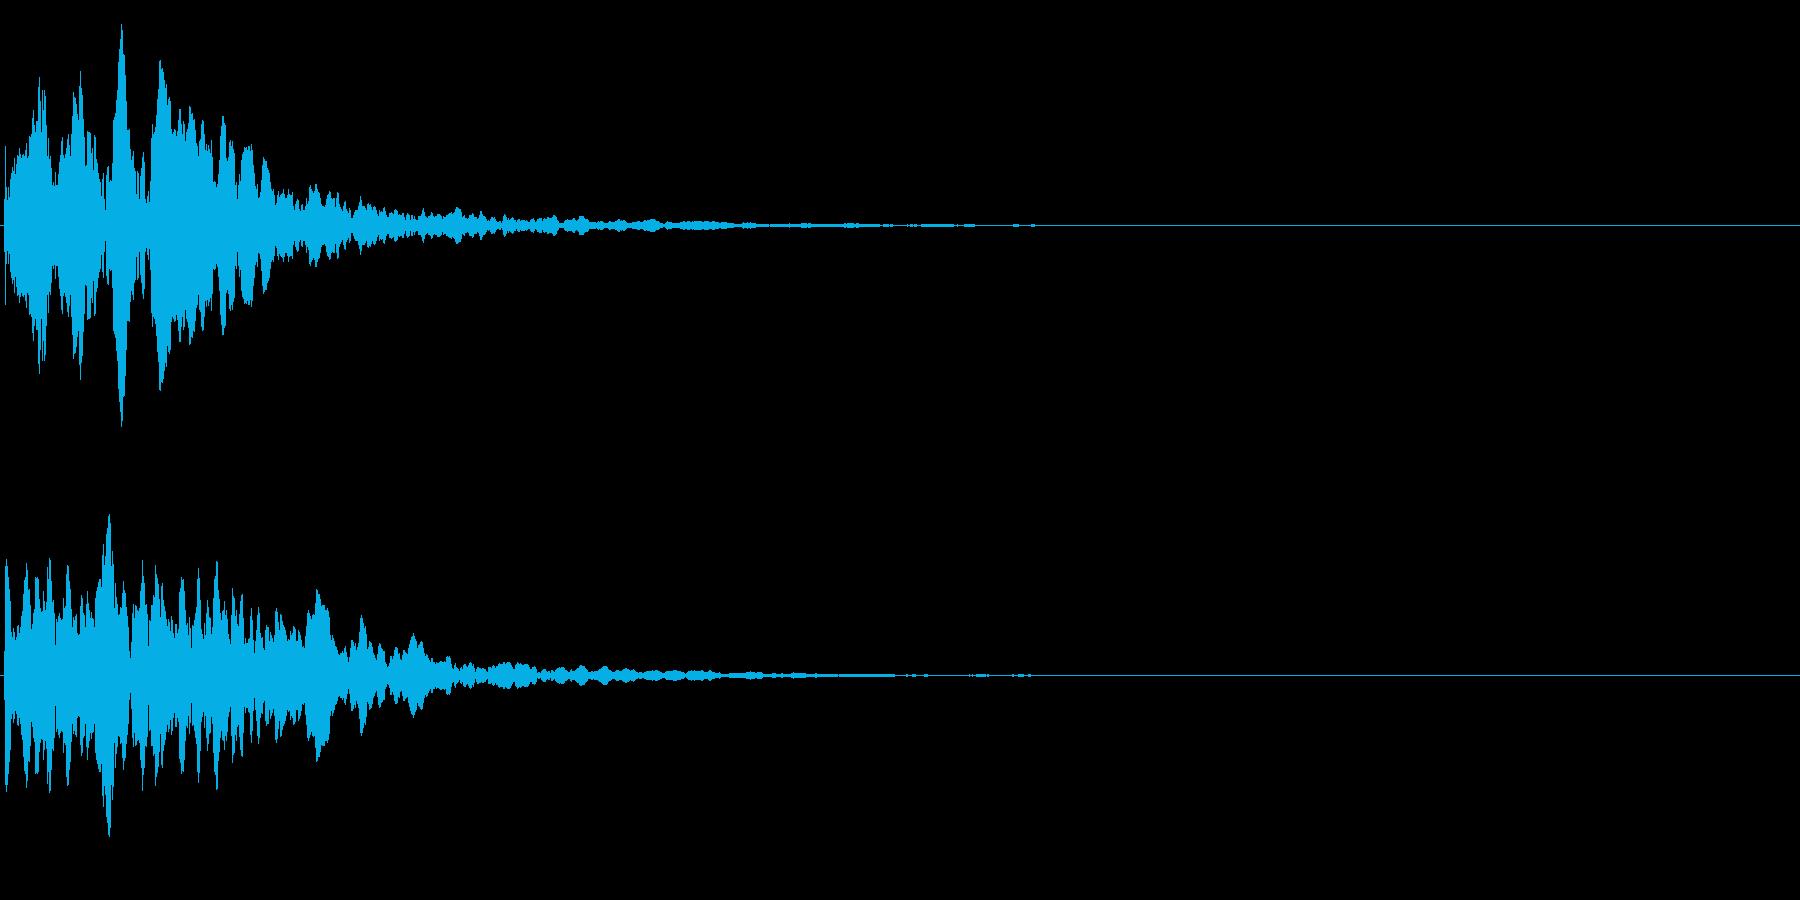 ゲームスタート、決定、ボタン音-023の再生済みの波形